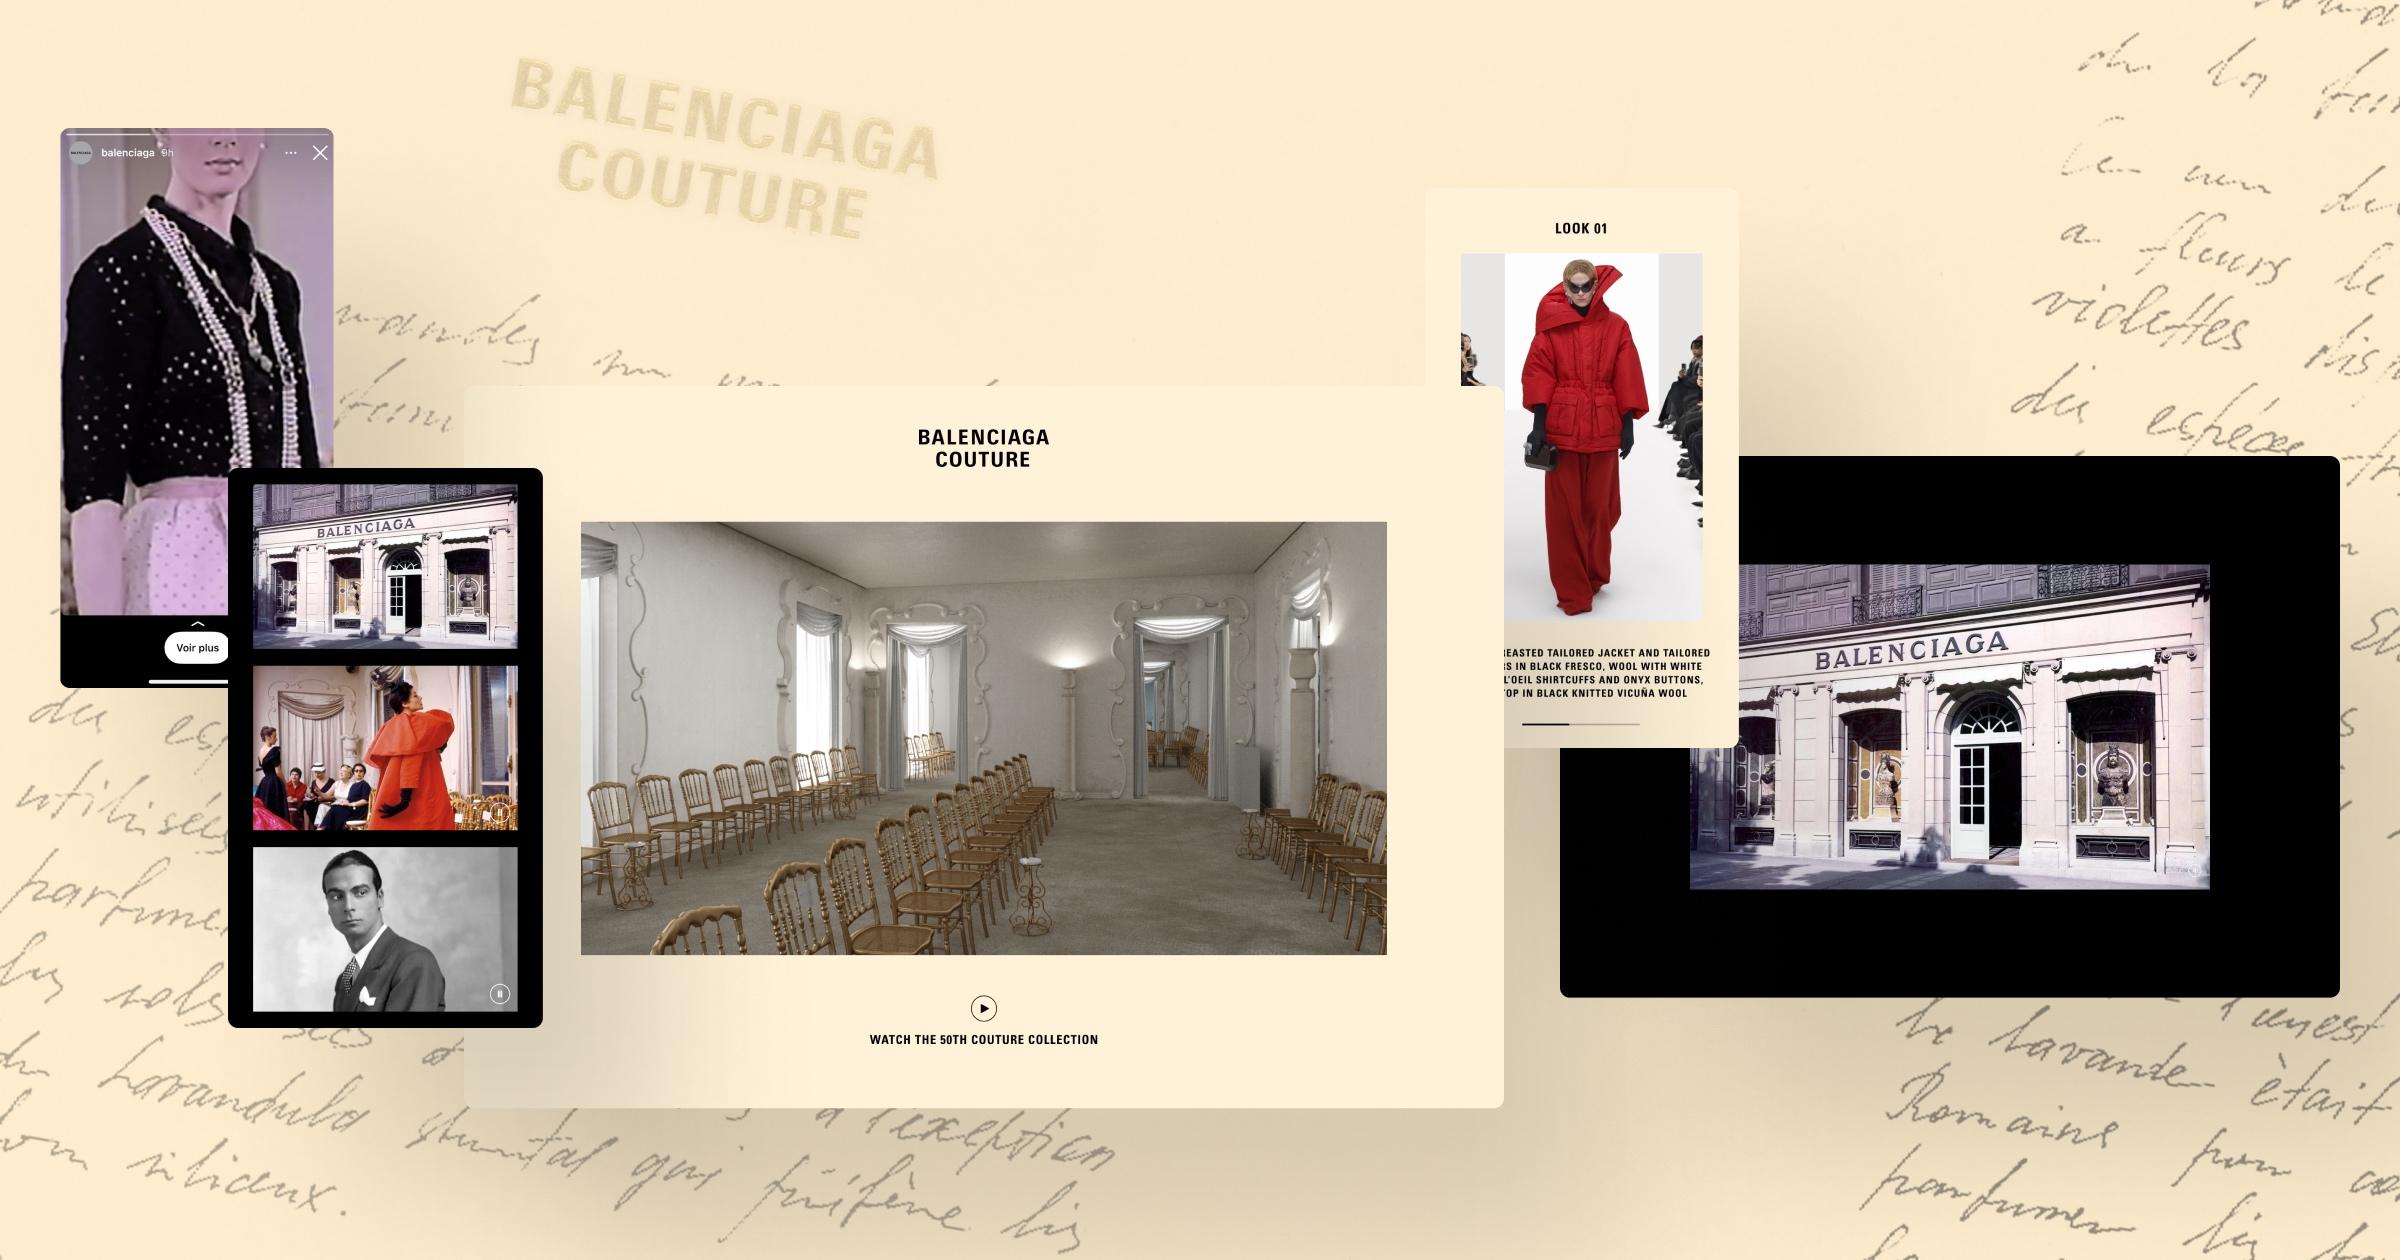 Balenciaga - Défilé Haut Couture - Application mobile